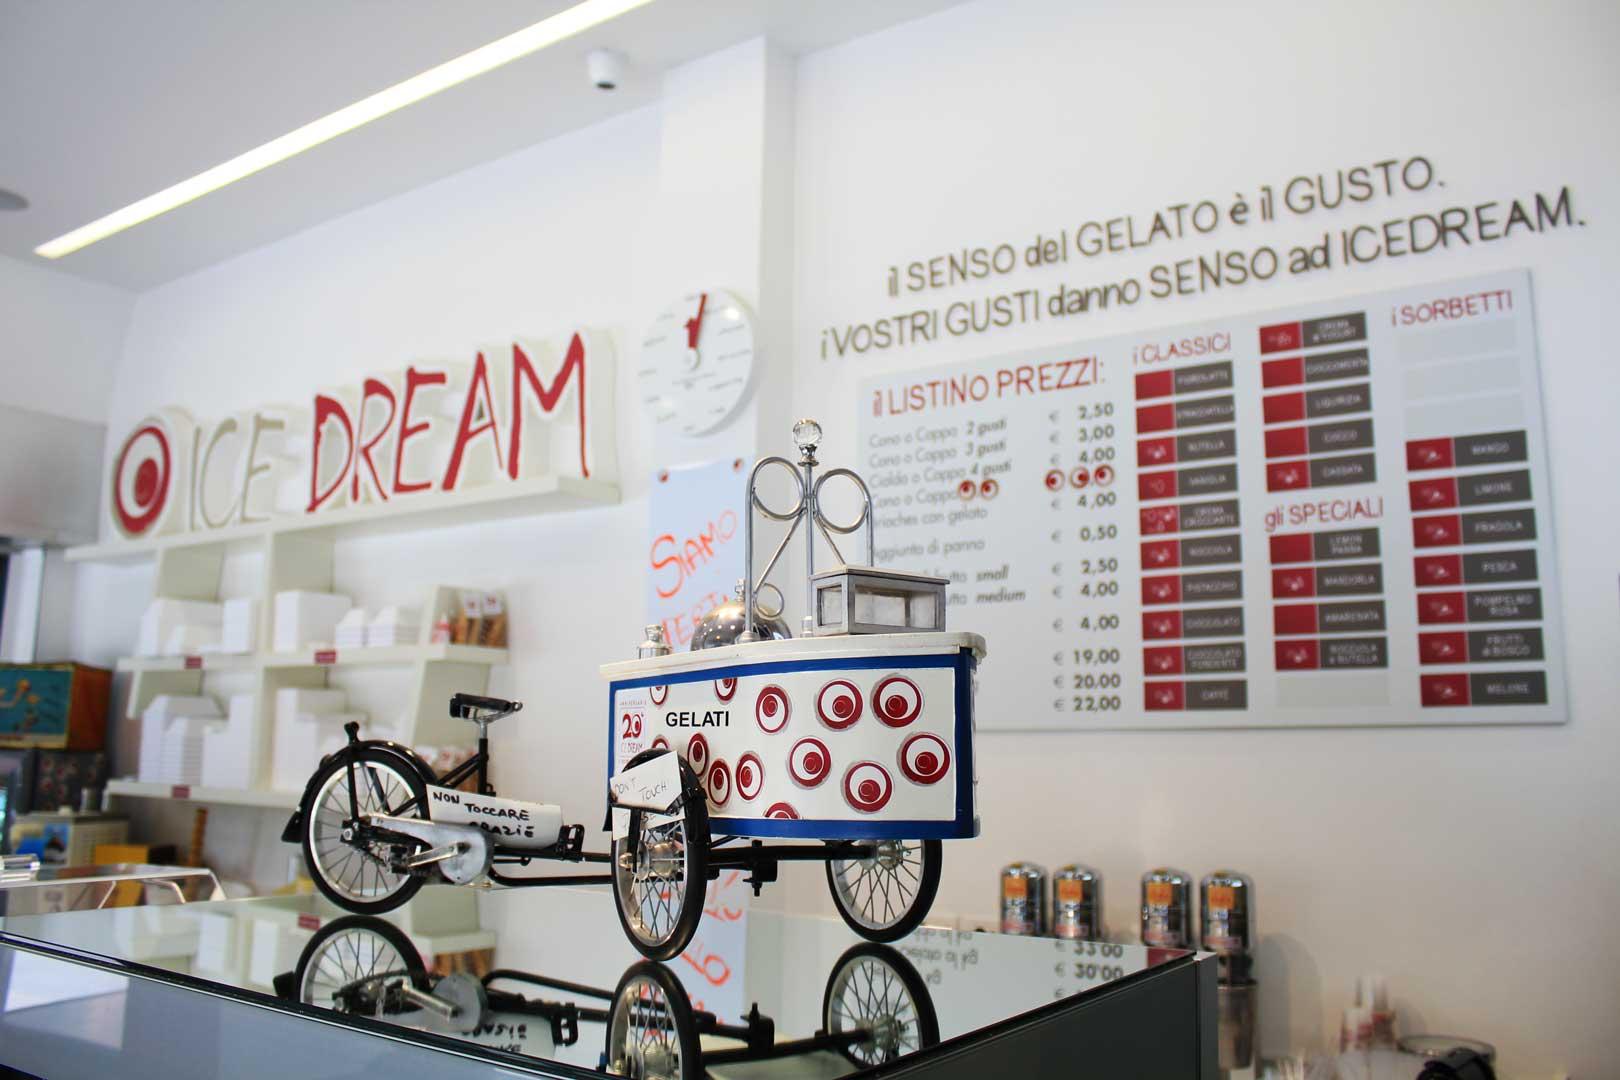 Gelateria Ice Dream - Milano